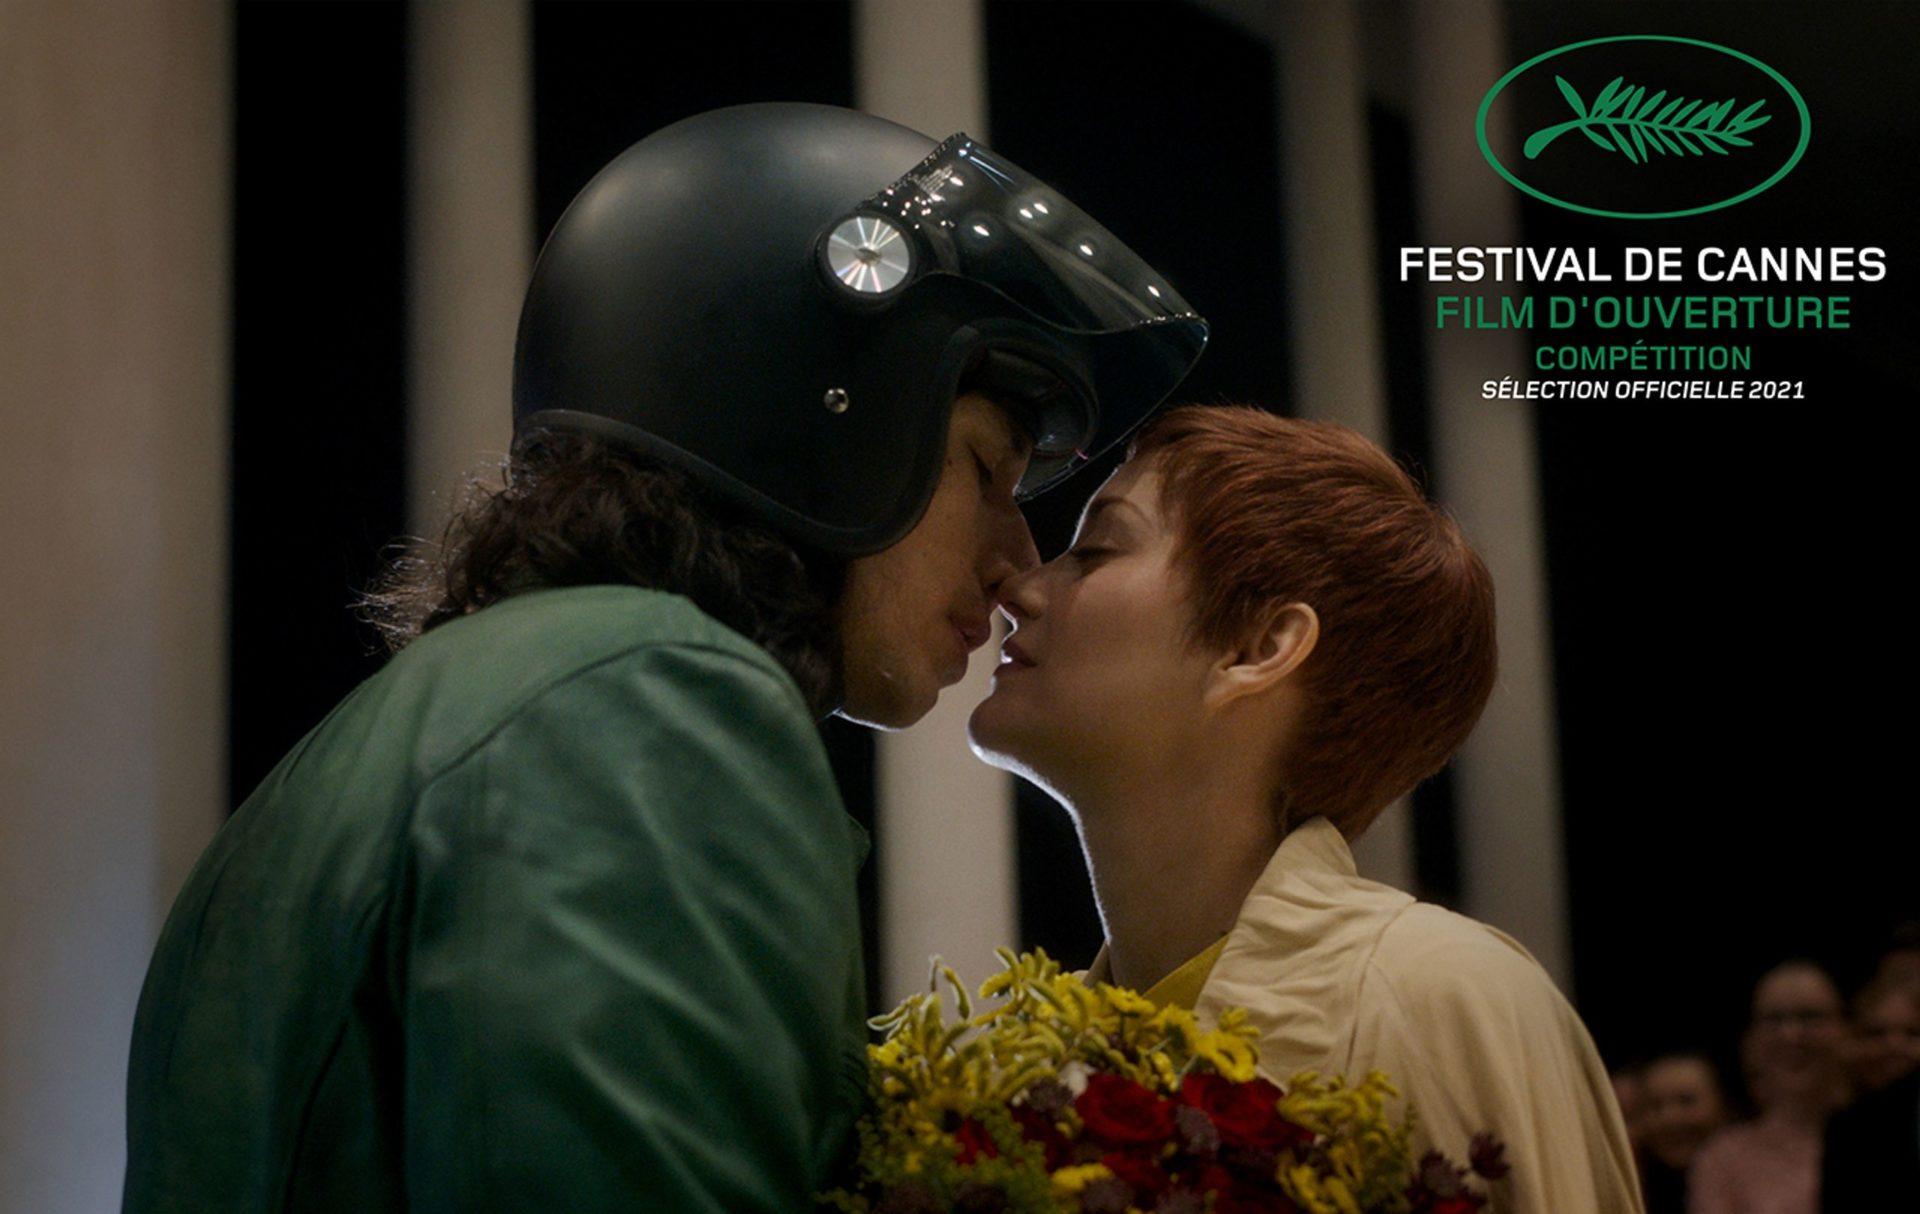 « Annette » de Leos Carax sera le film d'ouverture de la 74e édition du Festival de Cannes